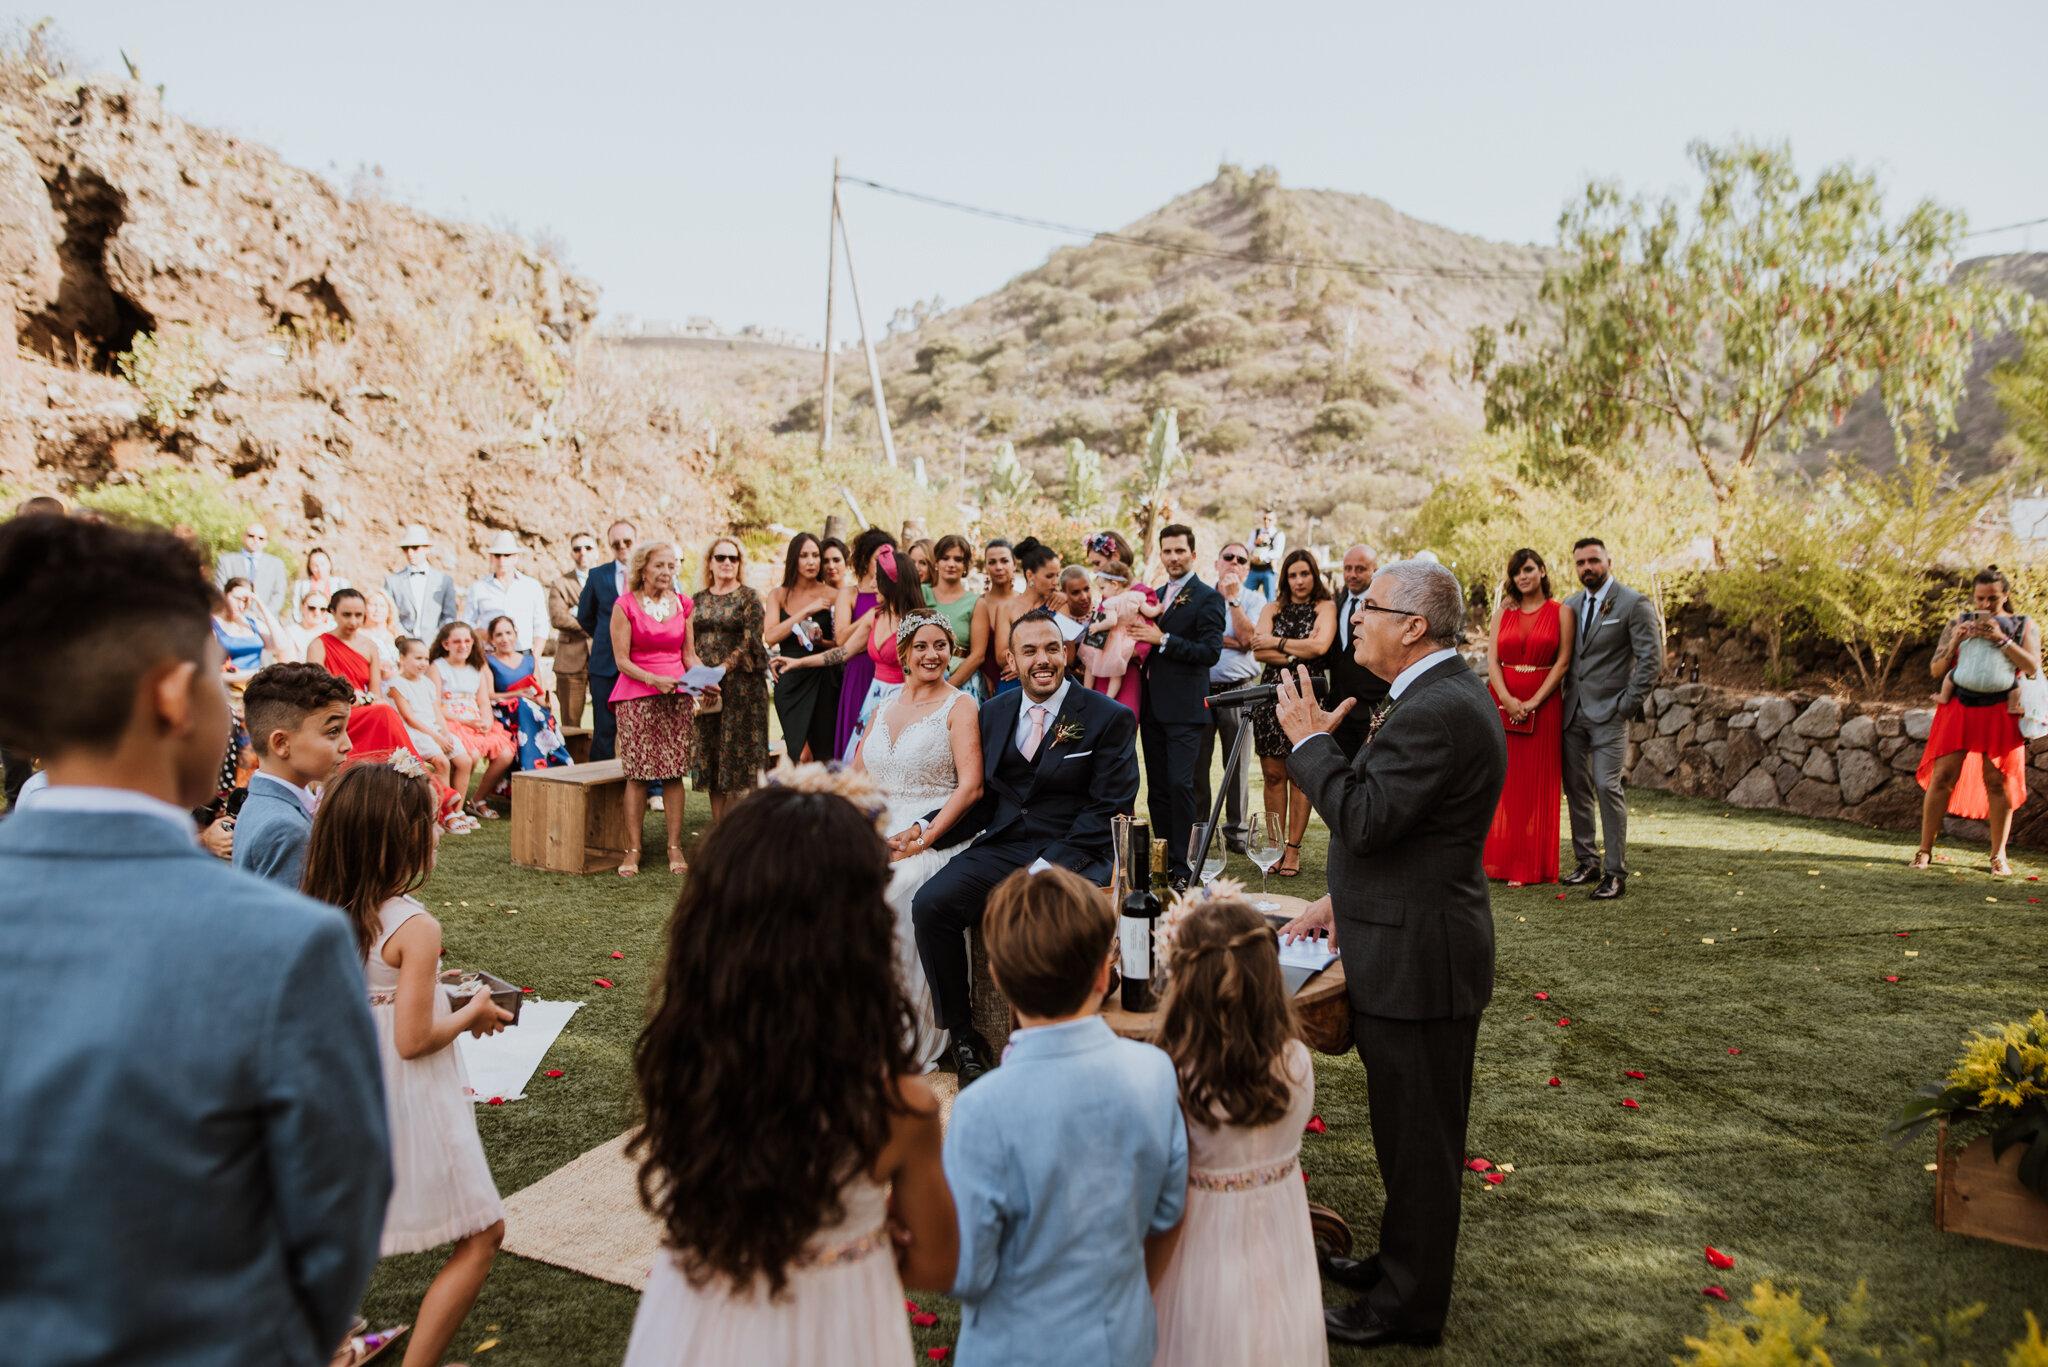 fotografo de bodas las palmas_-52.jpg